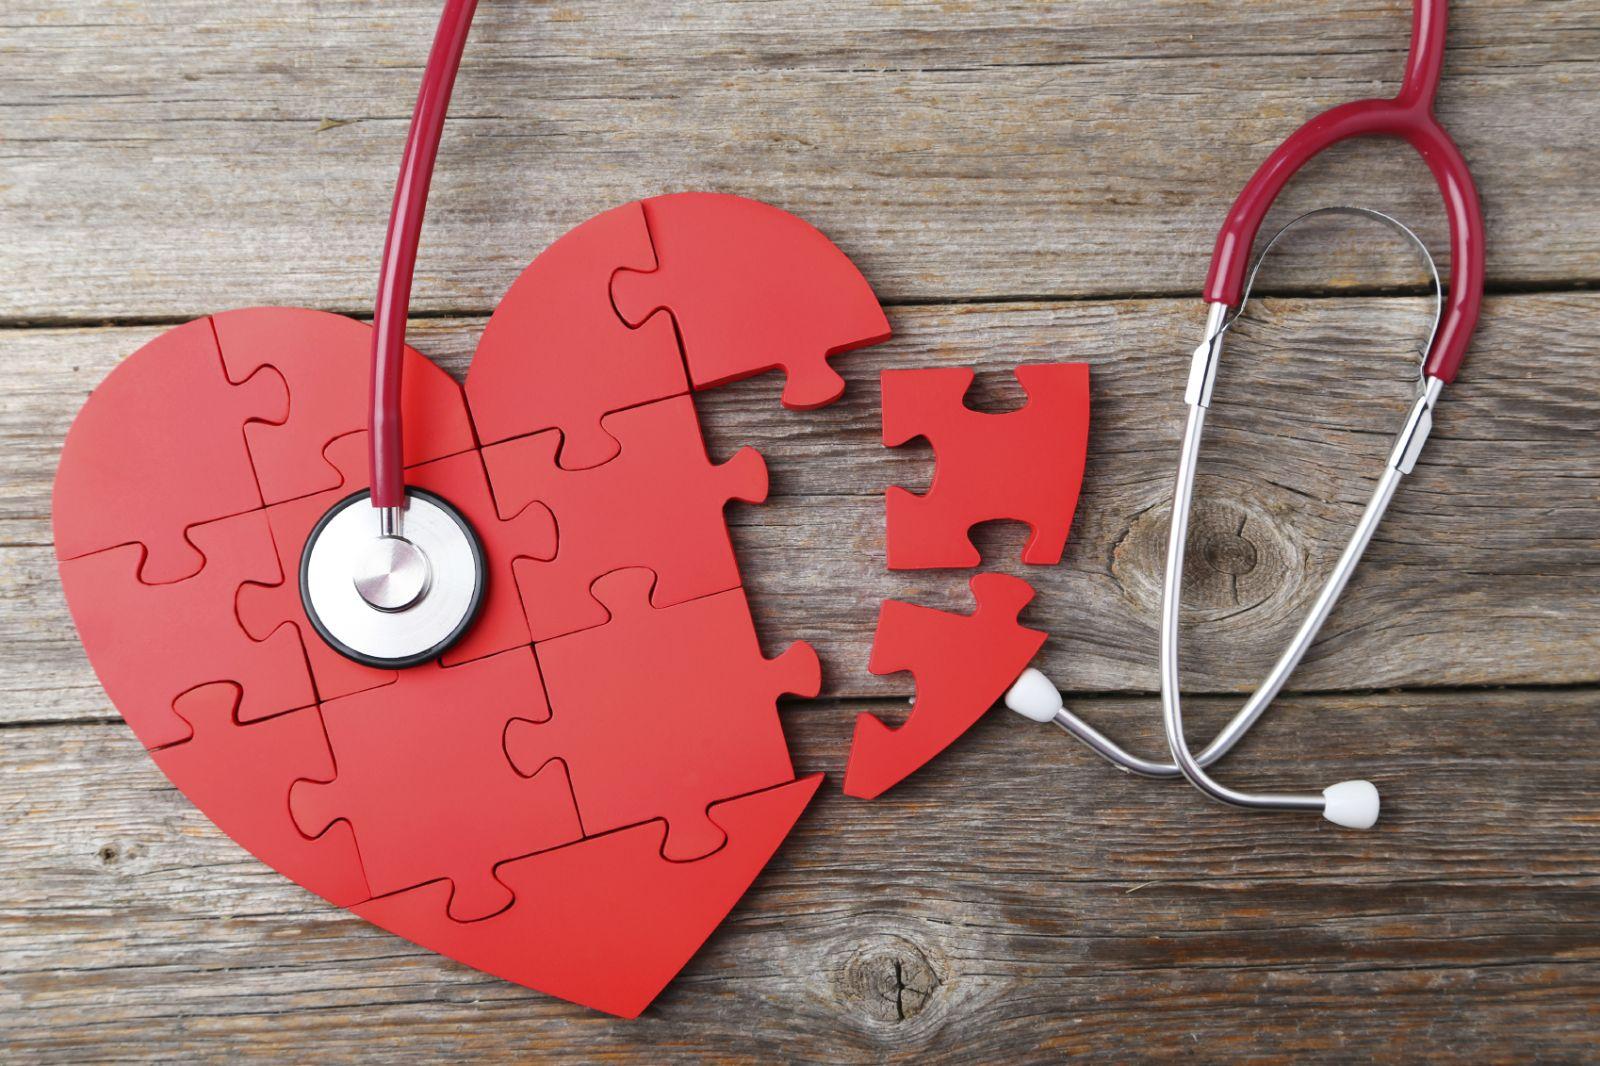 3-bolile-cardiovasculare